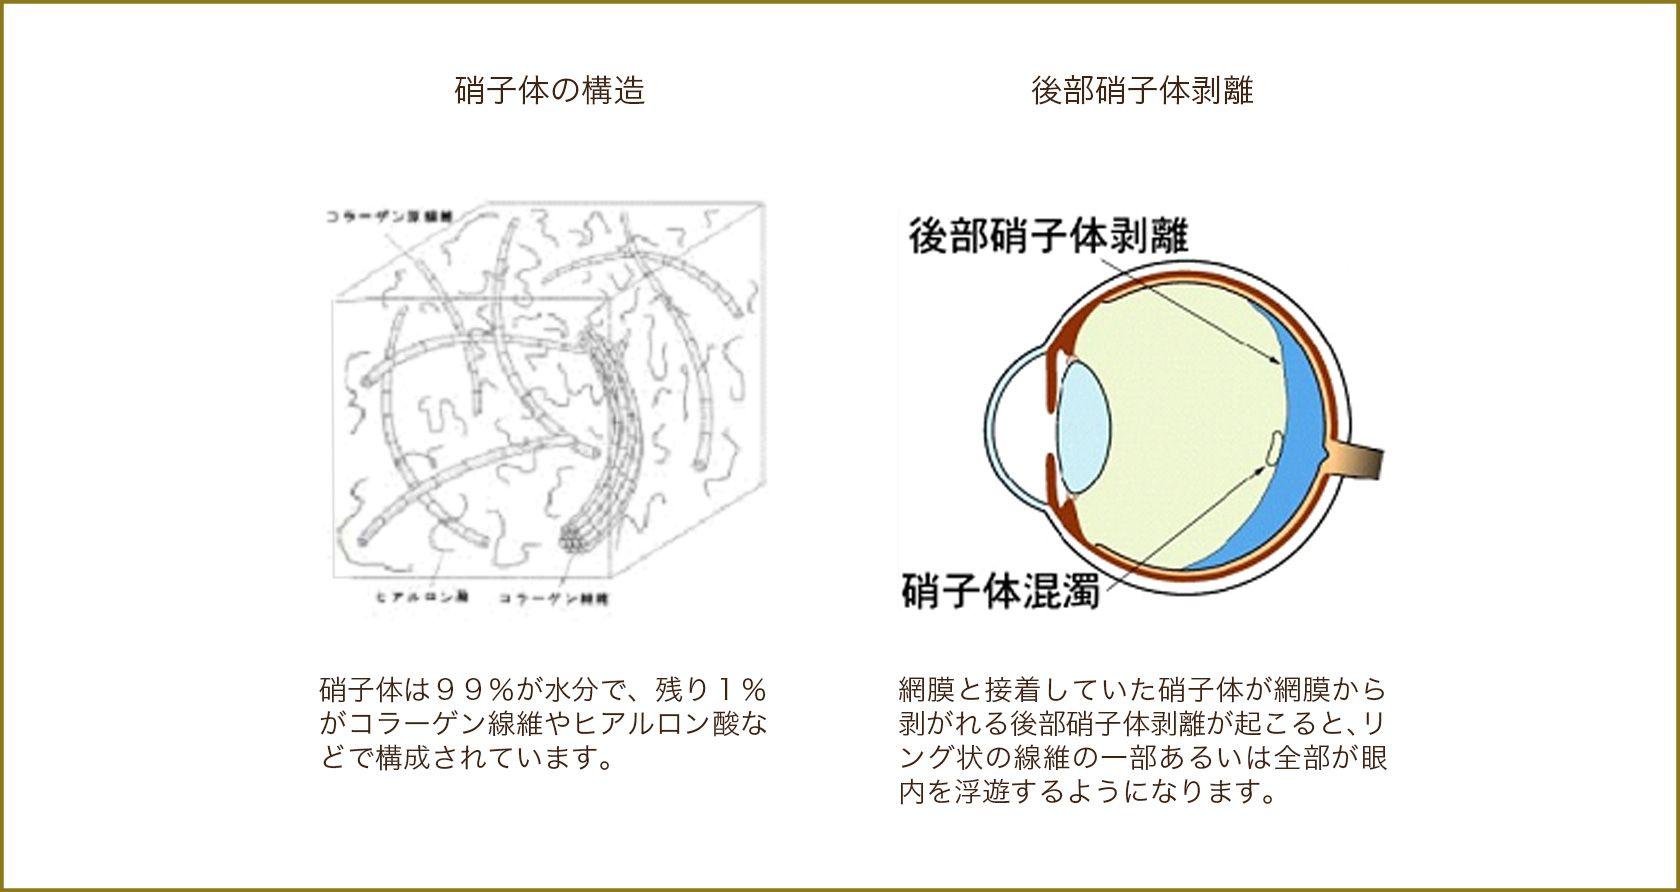 硝子体の構造,後部硝子体剥離